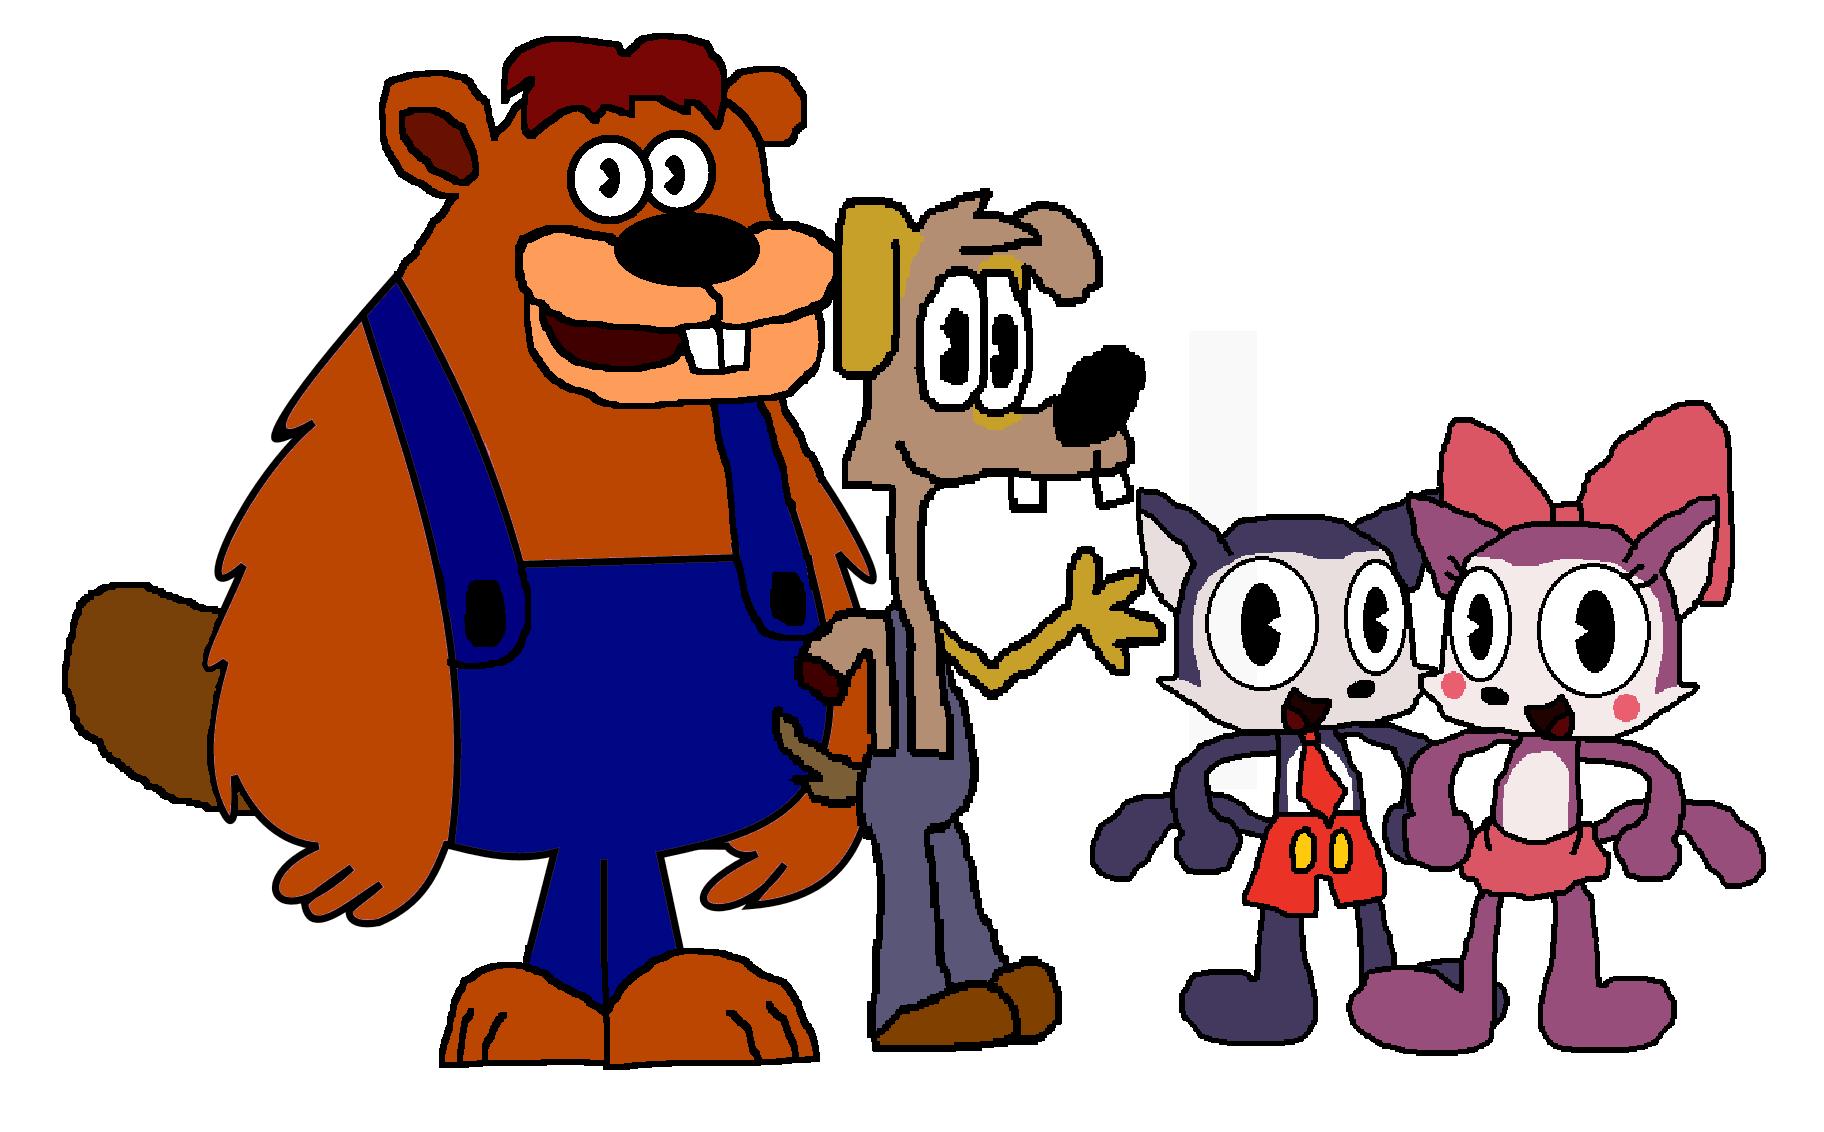 Fazbear And Friends: Old Friends By Joethetwotailedfox99